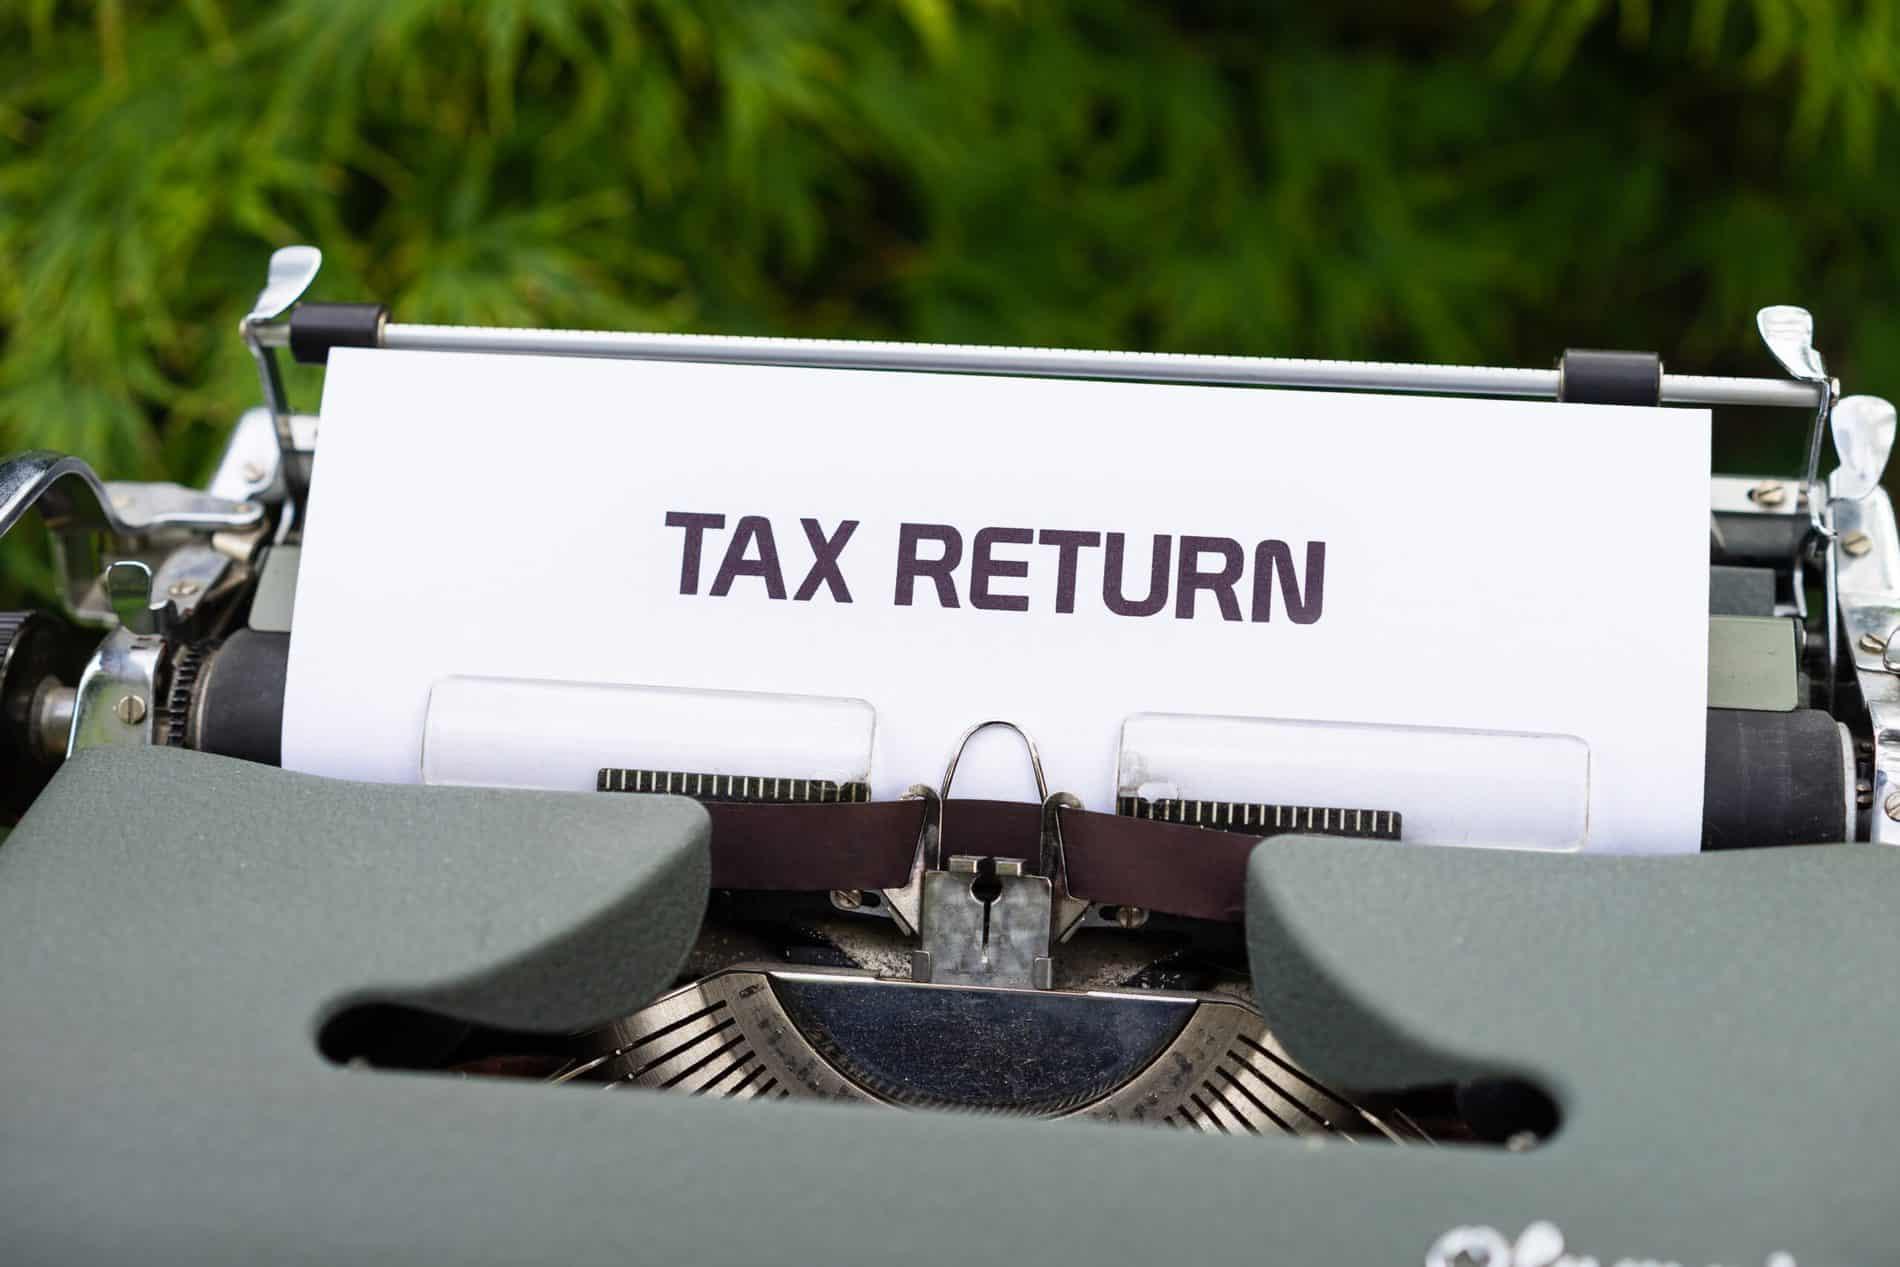 Declarația de impozit pe venit 2020 / Aangifte inkomstenbelasting  2020